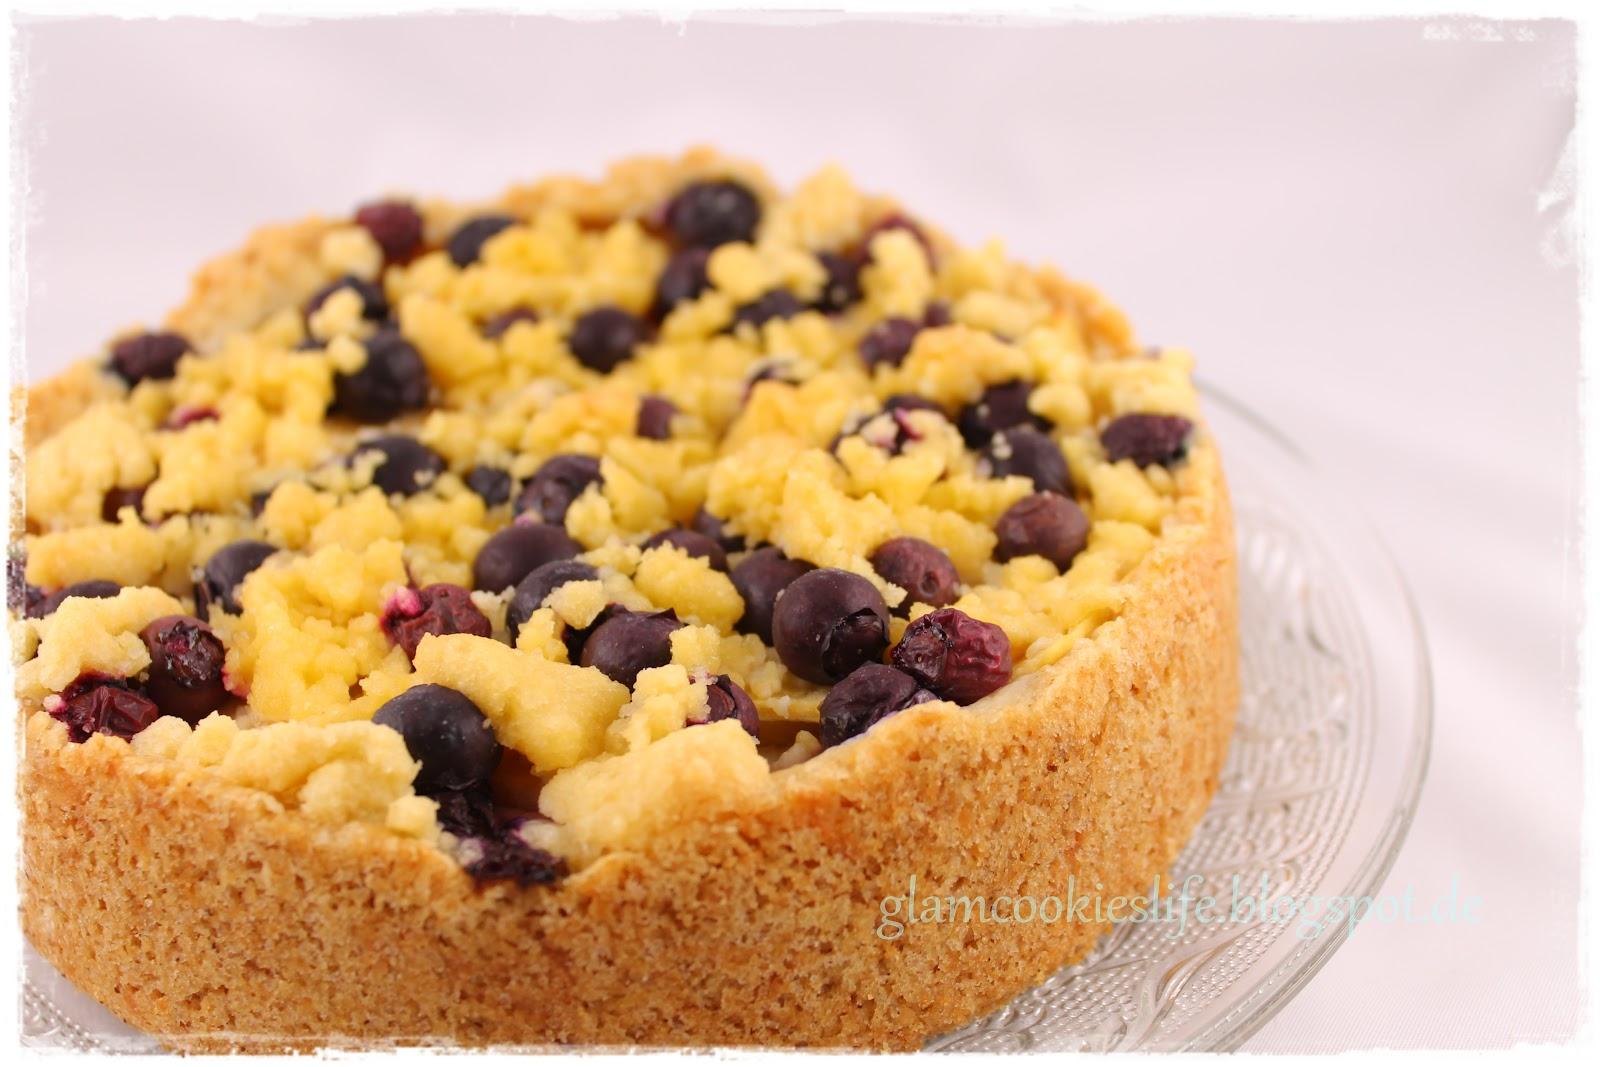 Glam*Cookies*Life*: {Rezept} Heidelbeer-Apfel-Kuchen